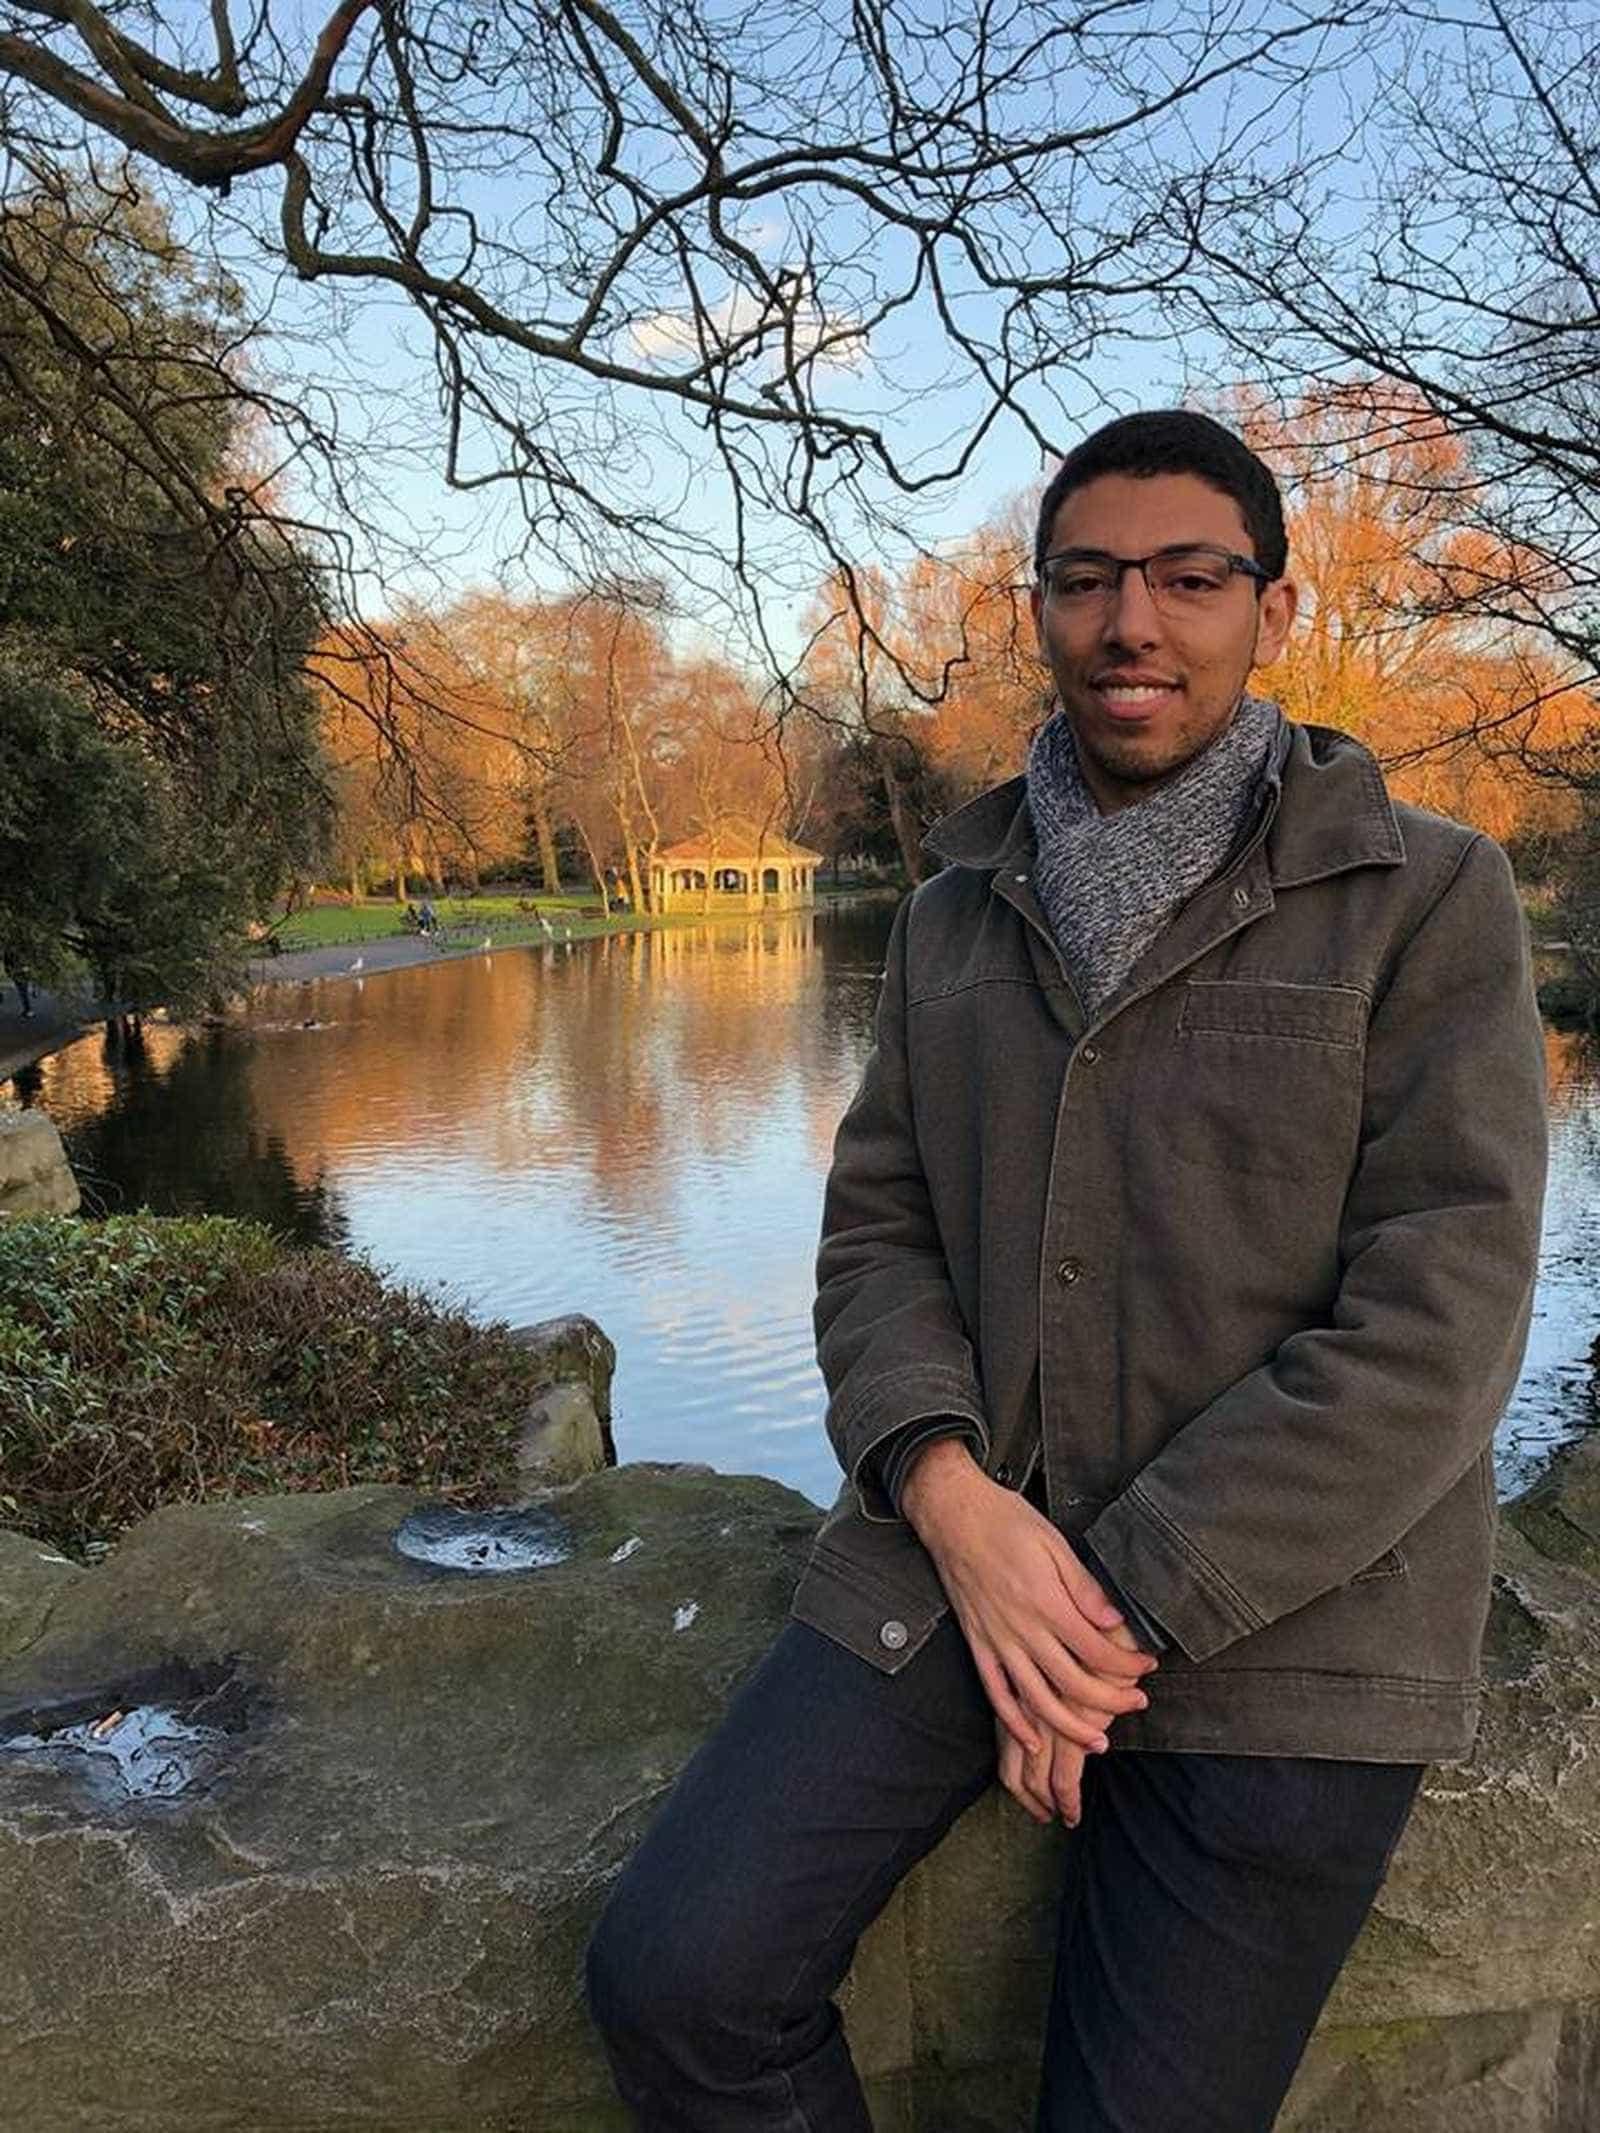 Estudante de inglês, brasileiro está desaparecido há 7 dias em Dublin